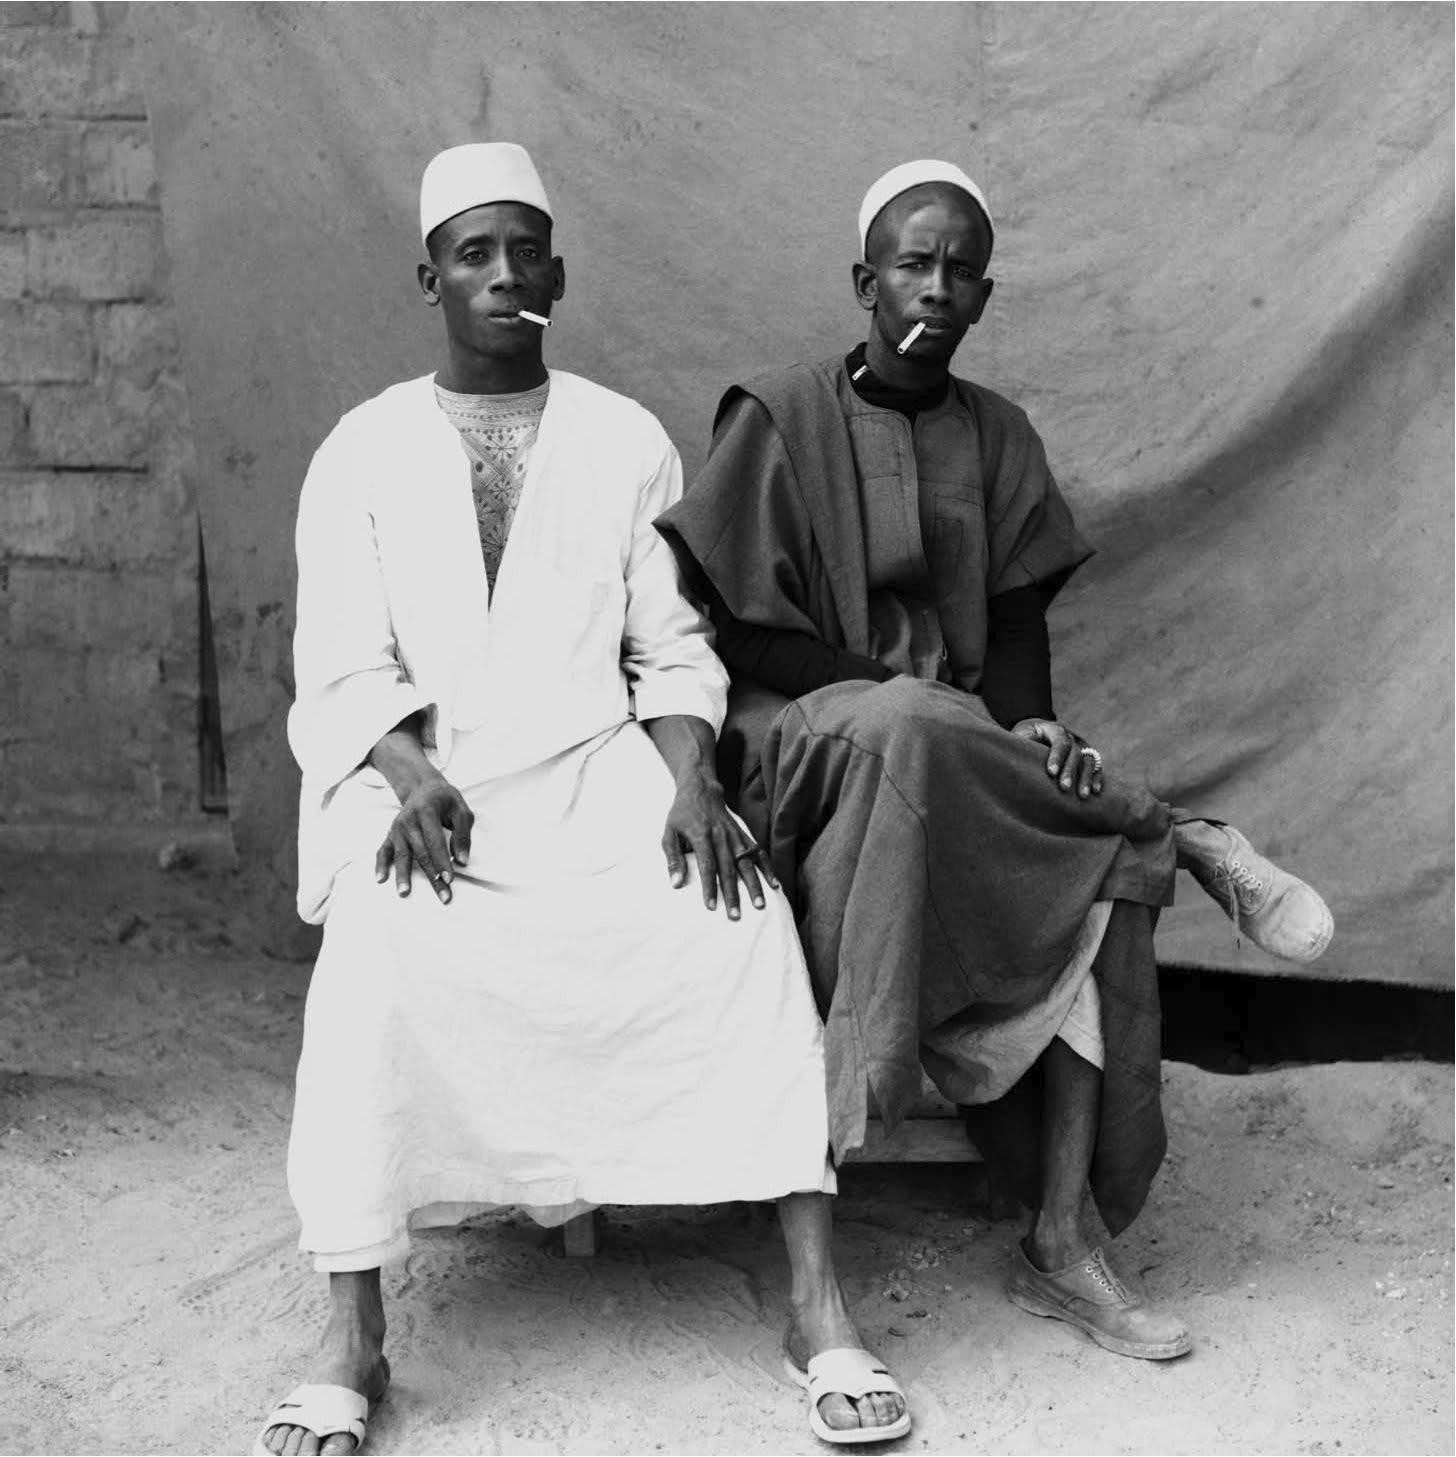 Hamidou Maiga, Untitled, 1963